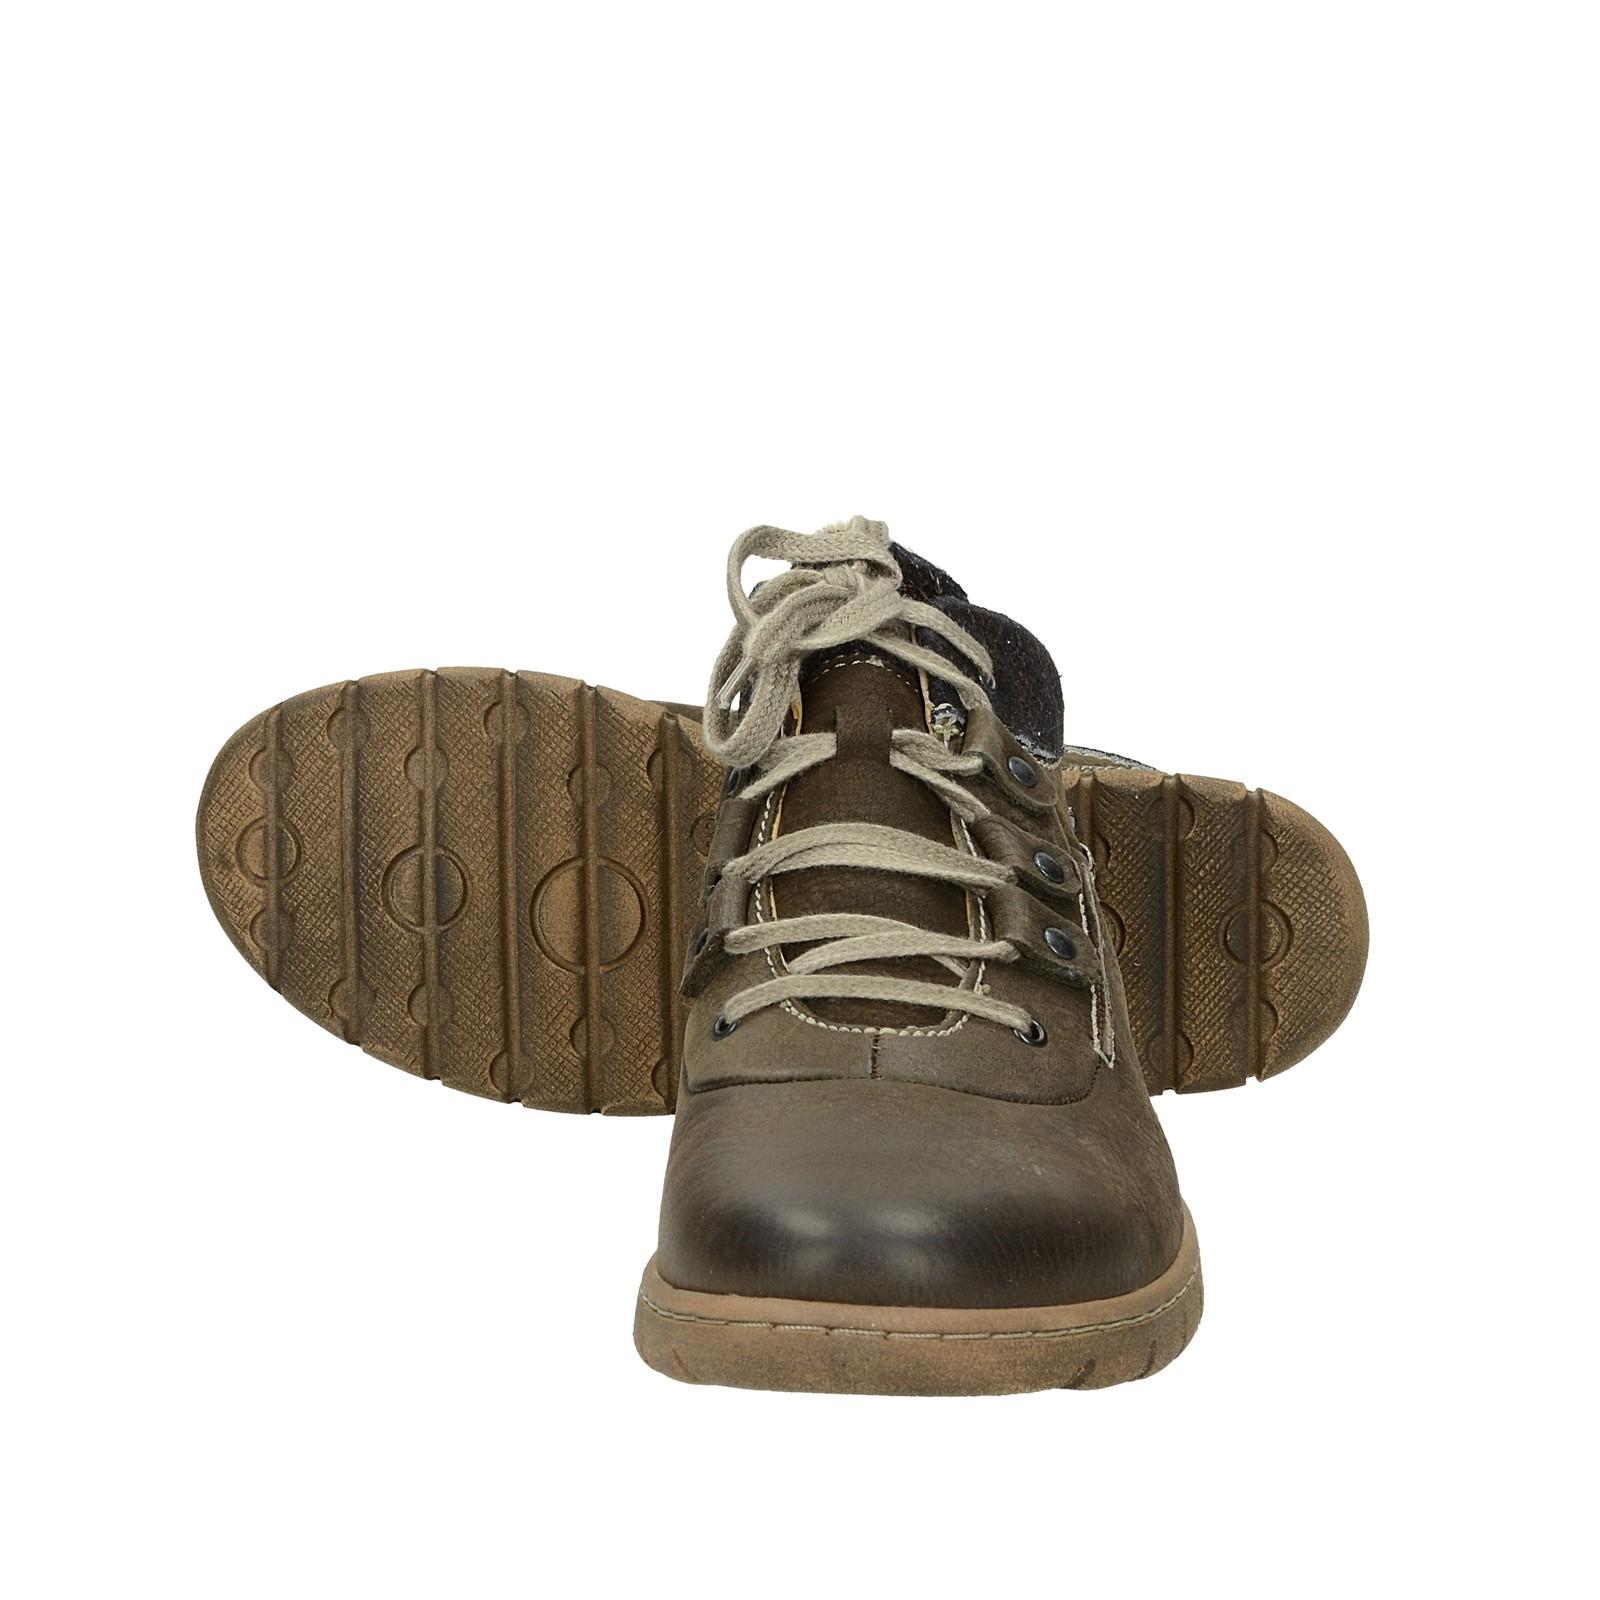 54a276fa26 ... Josef Seibel dámské kožené kotníkové boty - hnědé ...